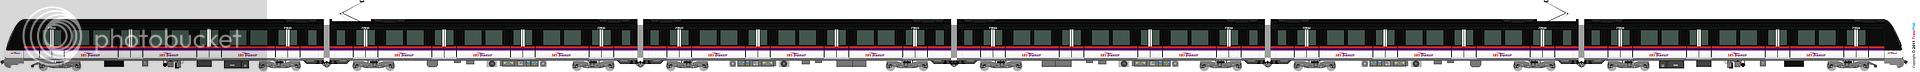 [5235] 新捷運 2235